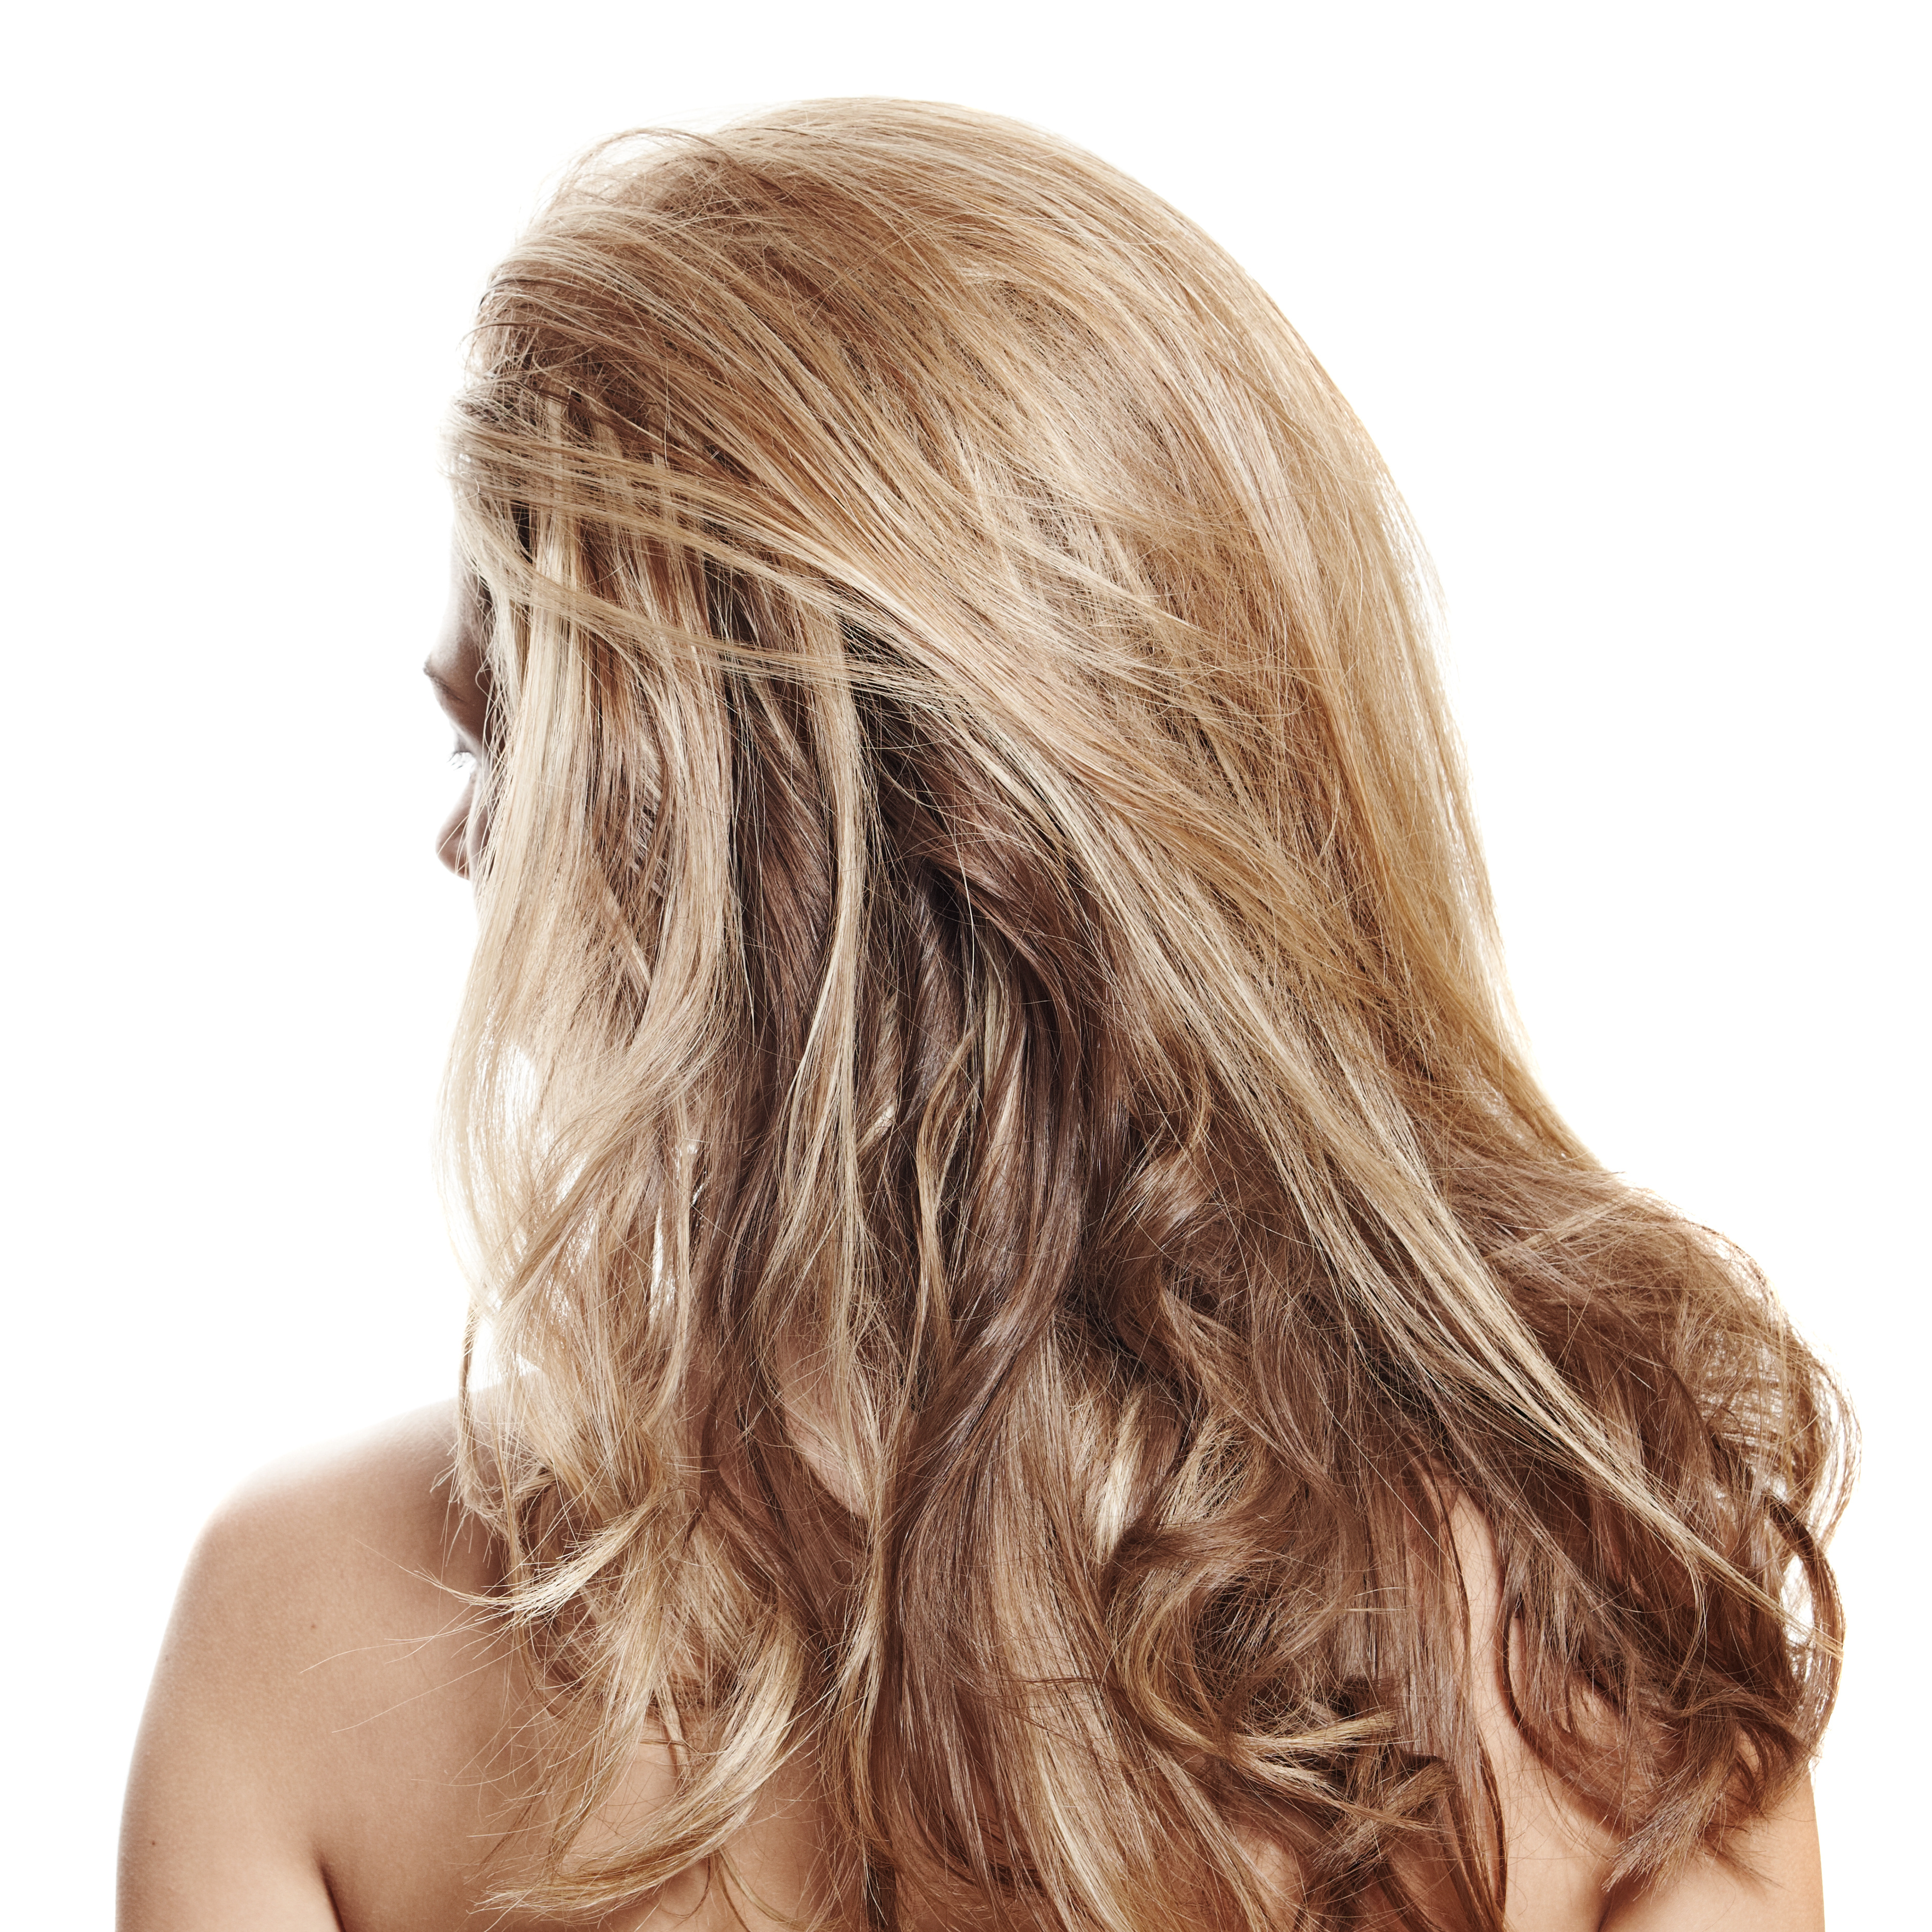 Фото девушки с русыми волосами вид со спины 12 фотография